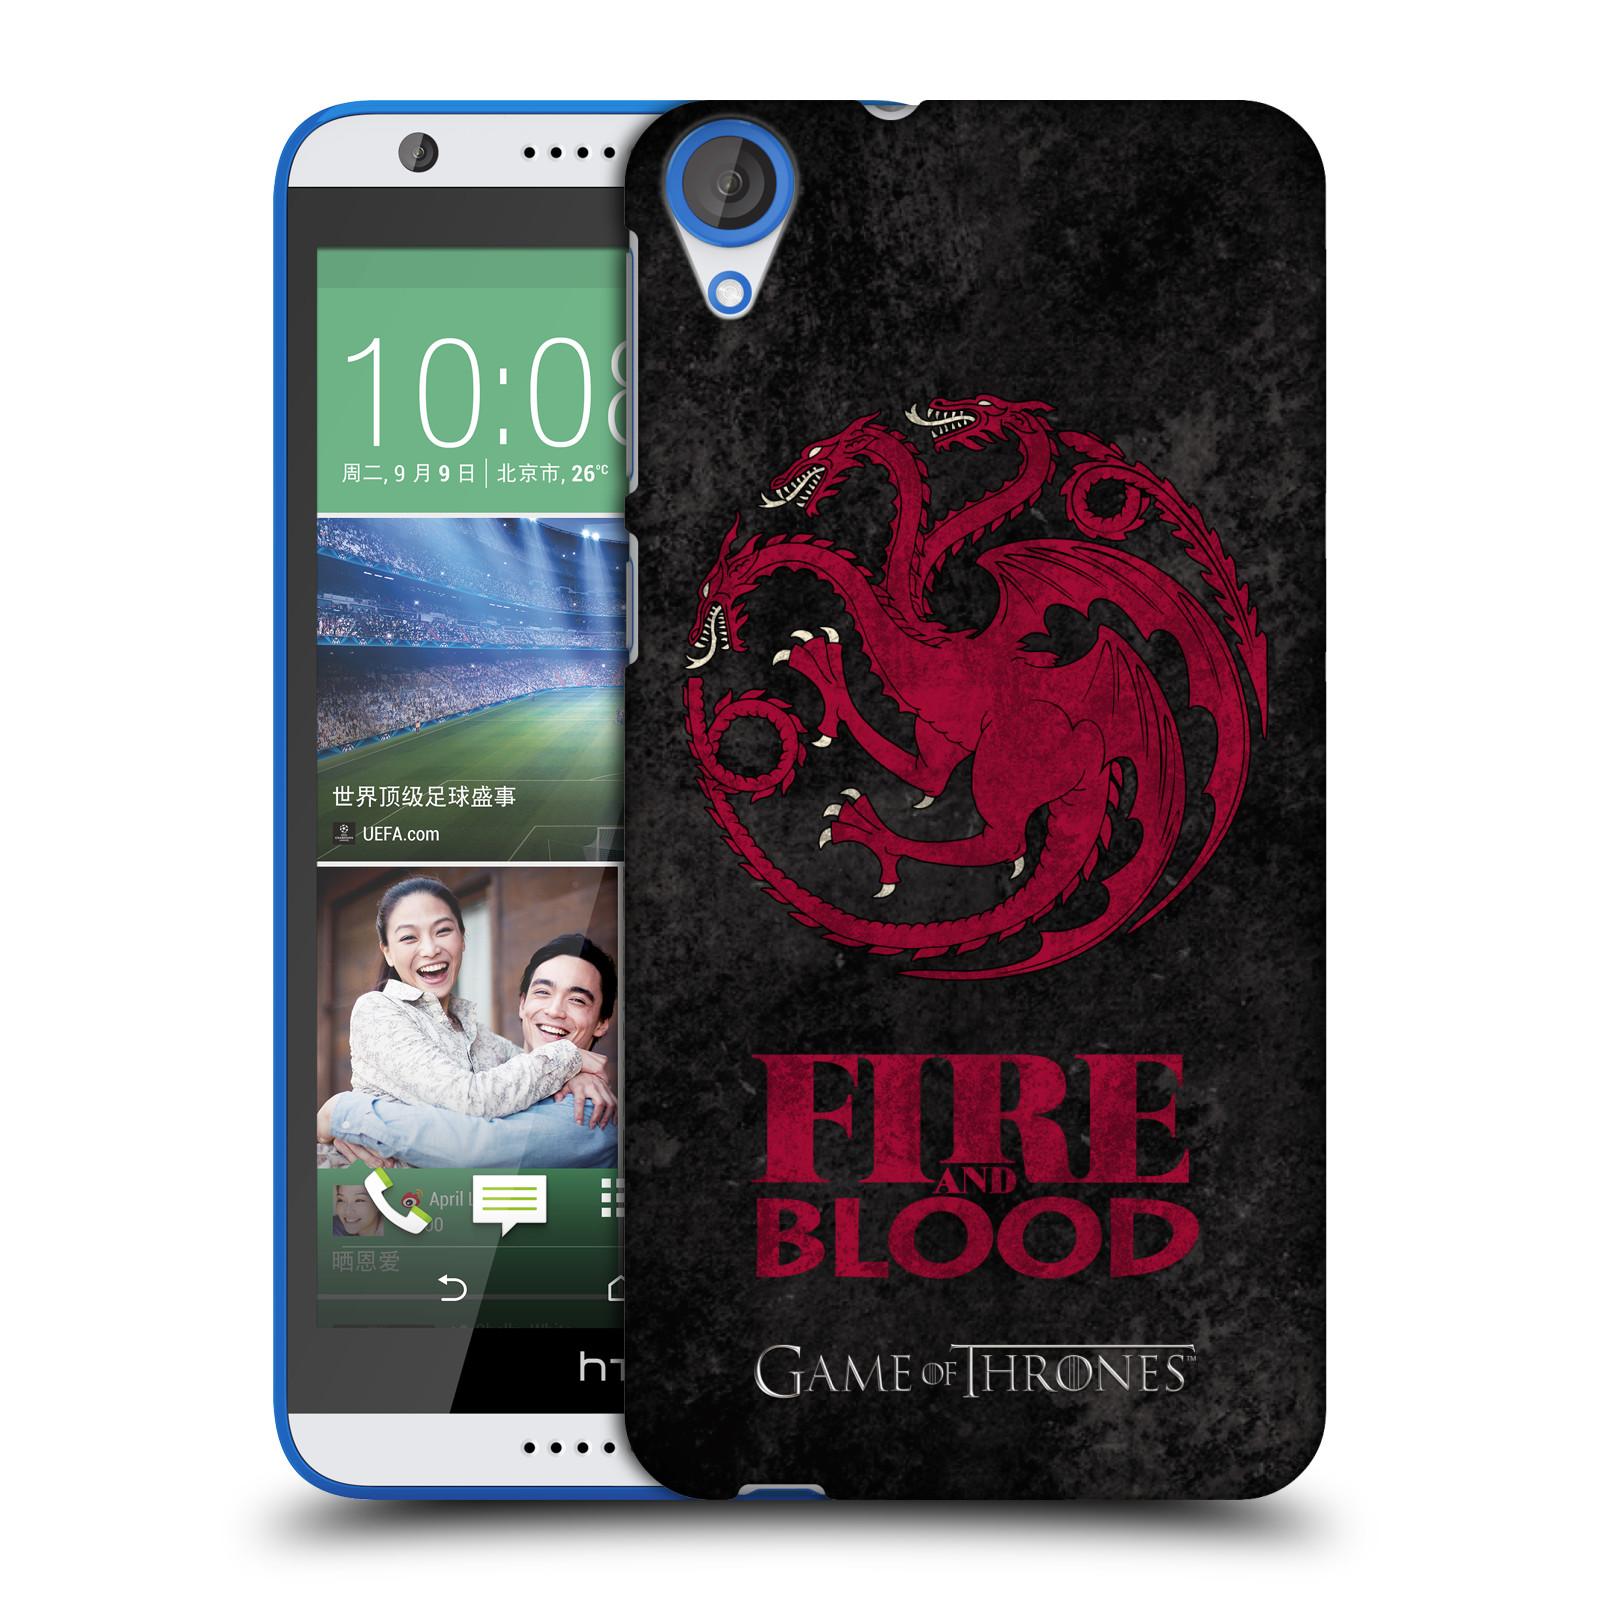 Plastové pouzdro na mobil HTC Desire 820 HEAD CASE Hra o trůny - Sigils Targaryen - Fire and Blood (Plastový kryt či obal na mobilní telefon s licencovaným motivem Hra o trůny - Game Of Thrones pro HTC Desire 820)